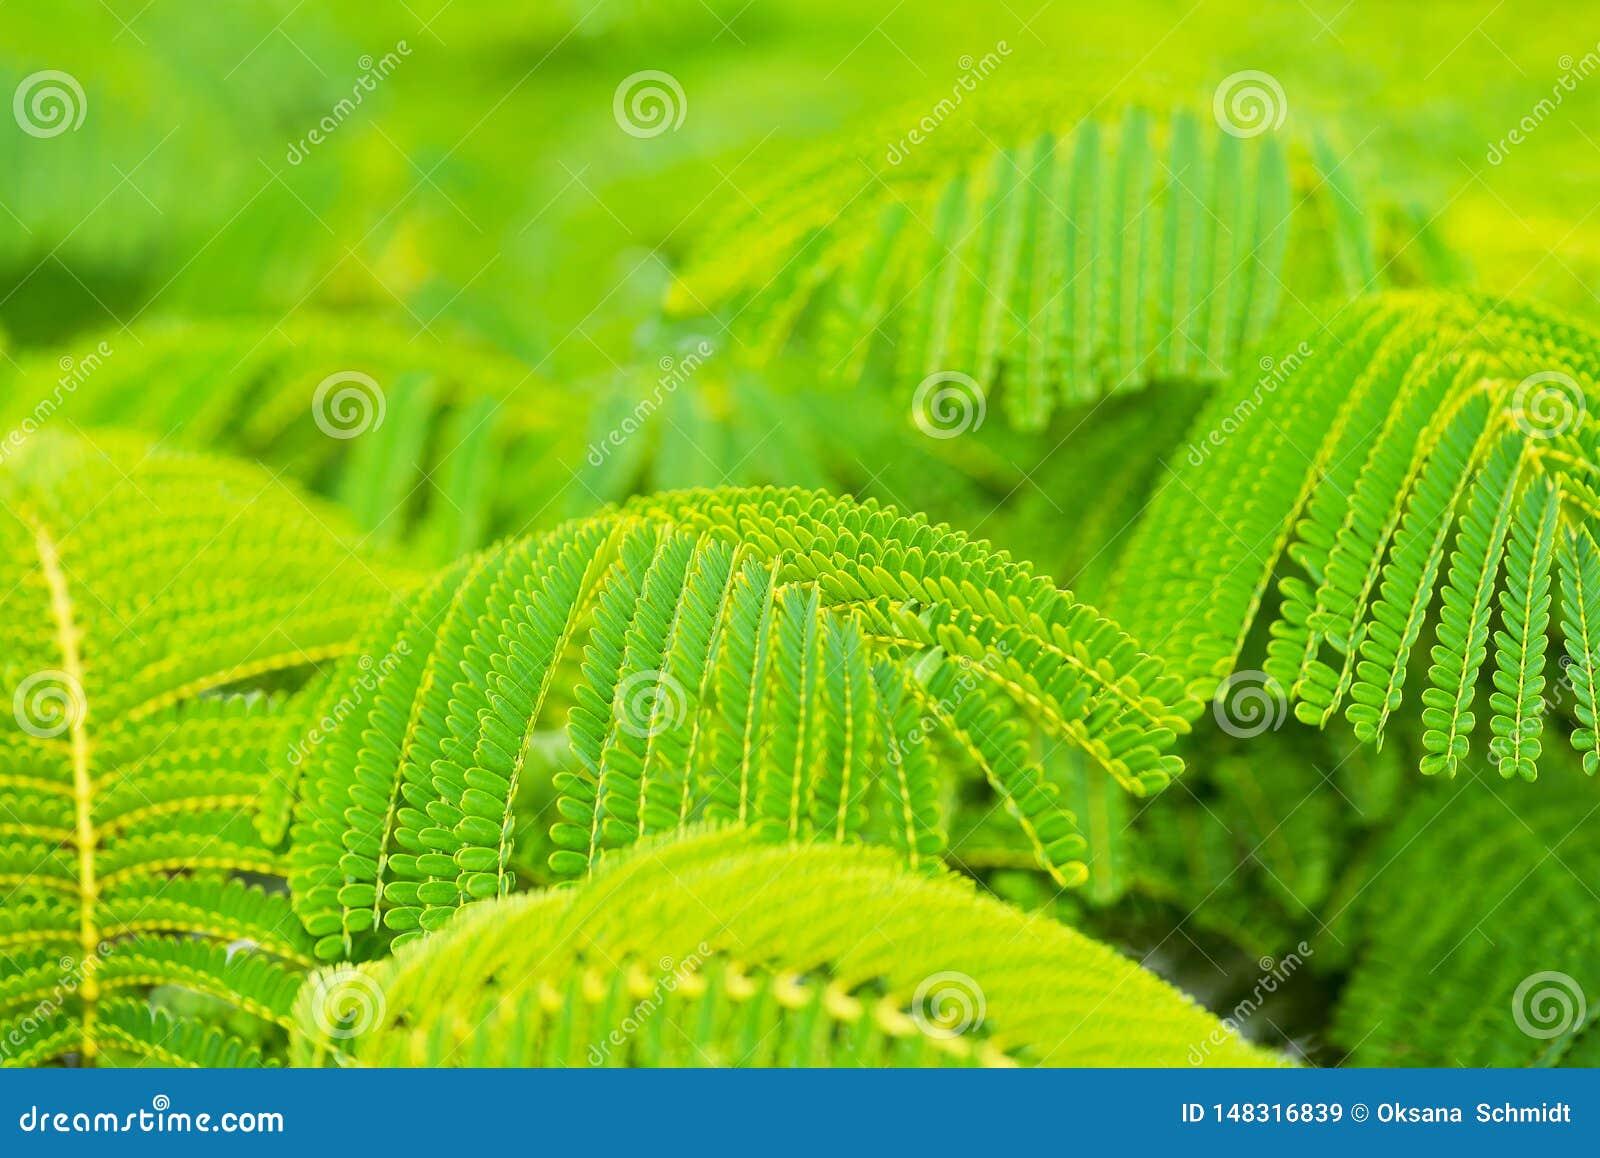 Hojas verdes hermosas del árbol de llama